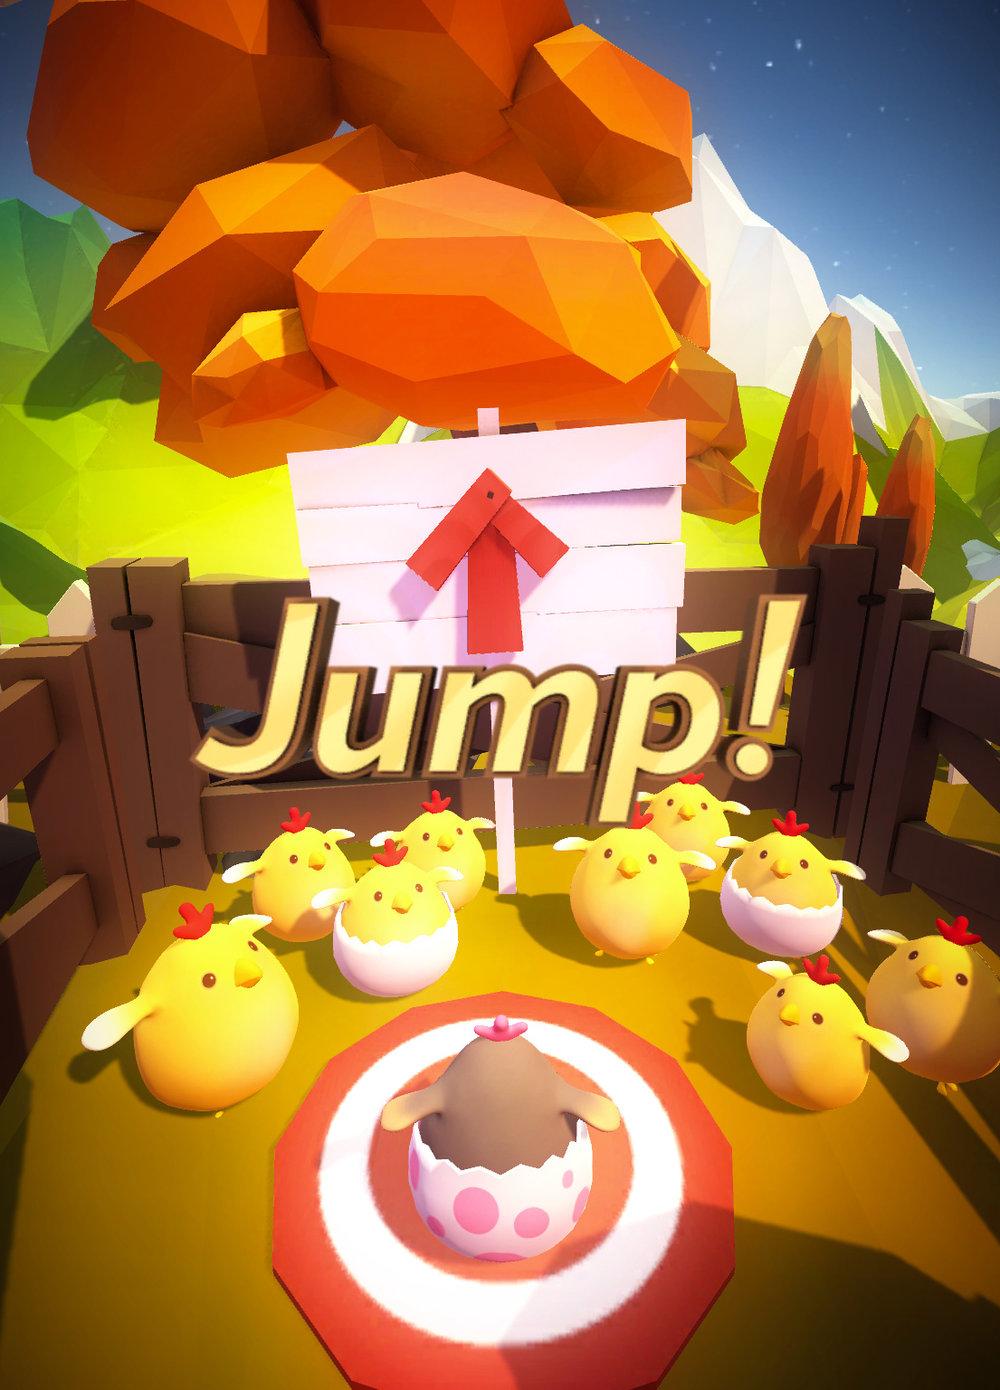 到達起跳點時會提示跳躍.周圍還有許多小雞同伴幫你加油.